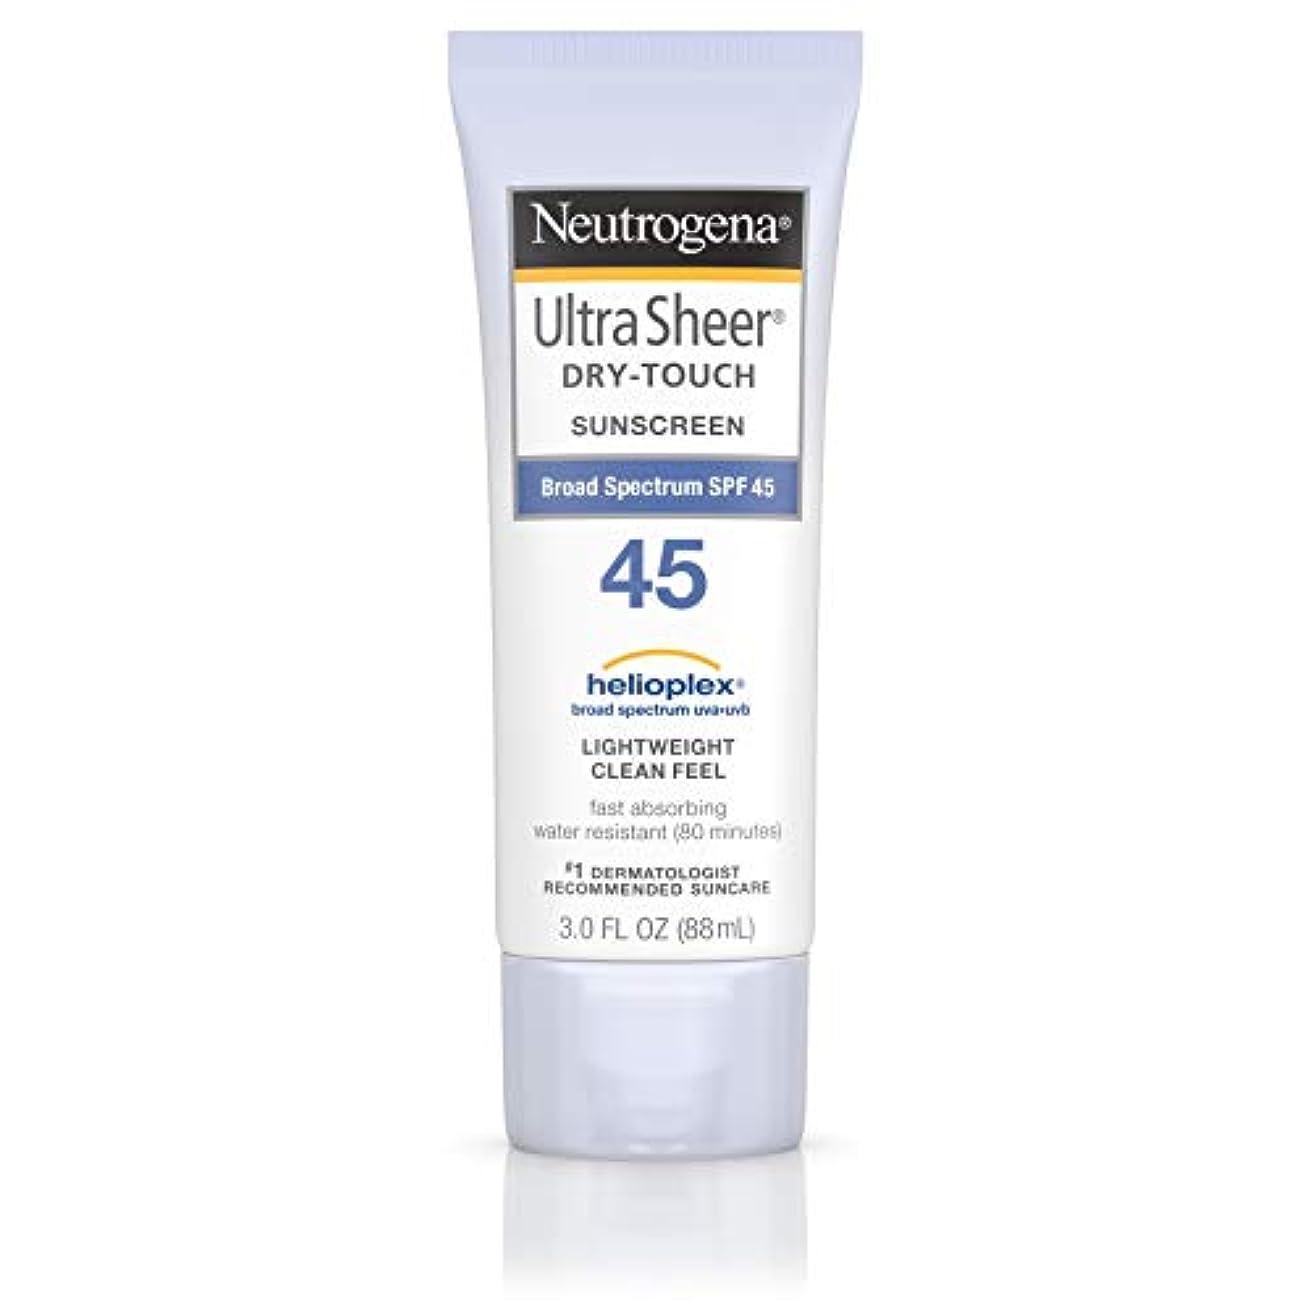 虚偽上回るアナロジー海外直送品 Neutrogena Neutrogena Ultra Sheer Dry-Touch Sunblock Spf 45【並行輸入品】